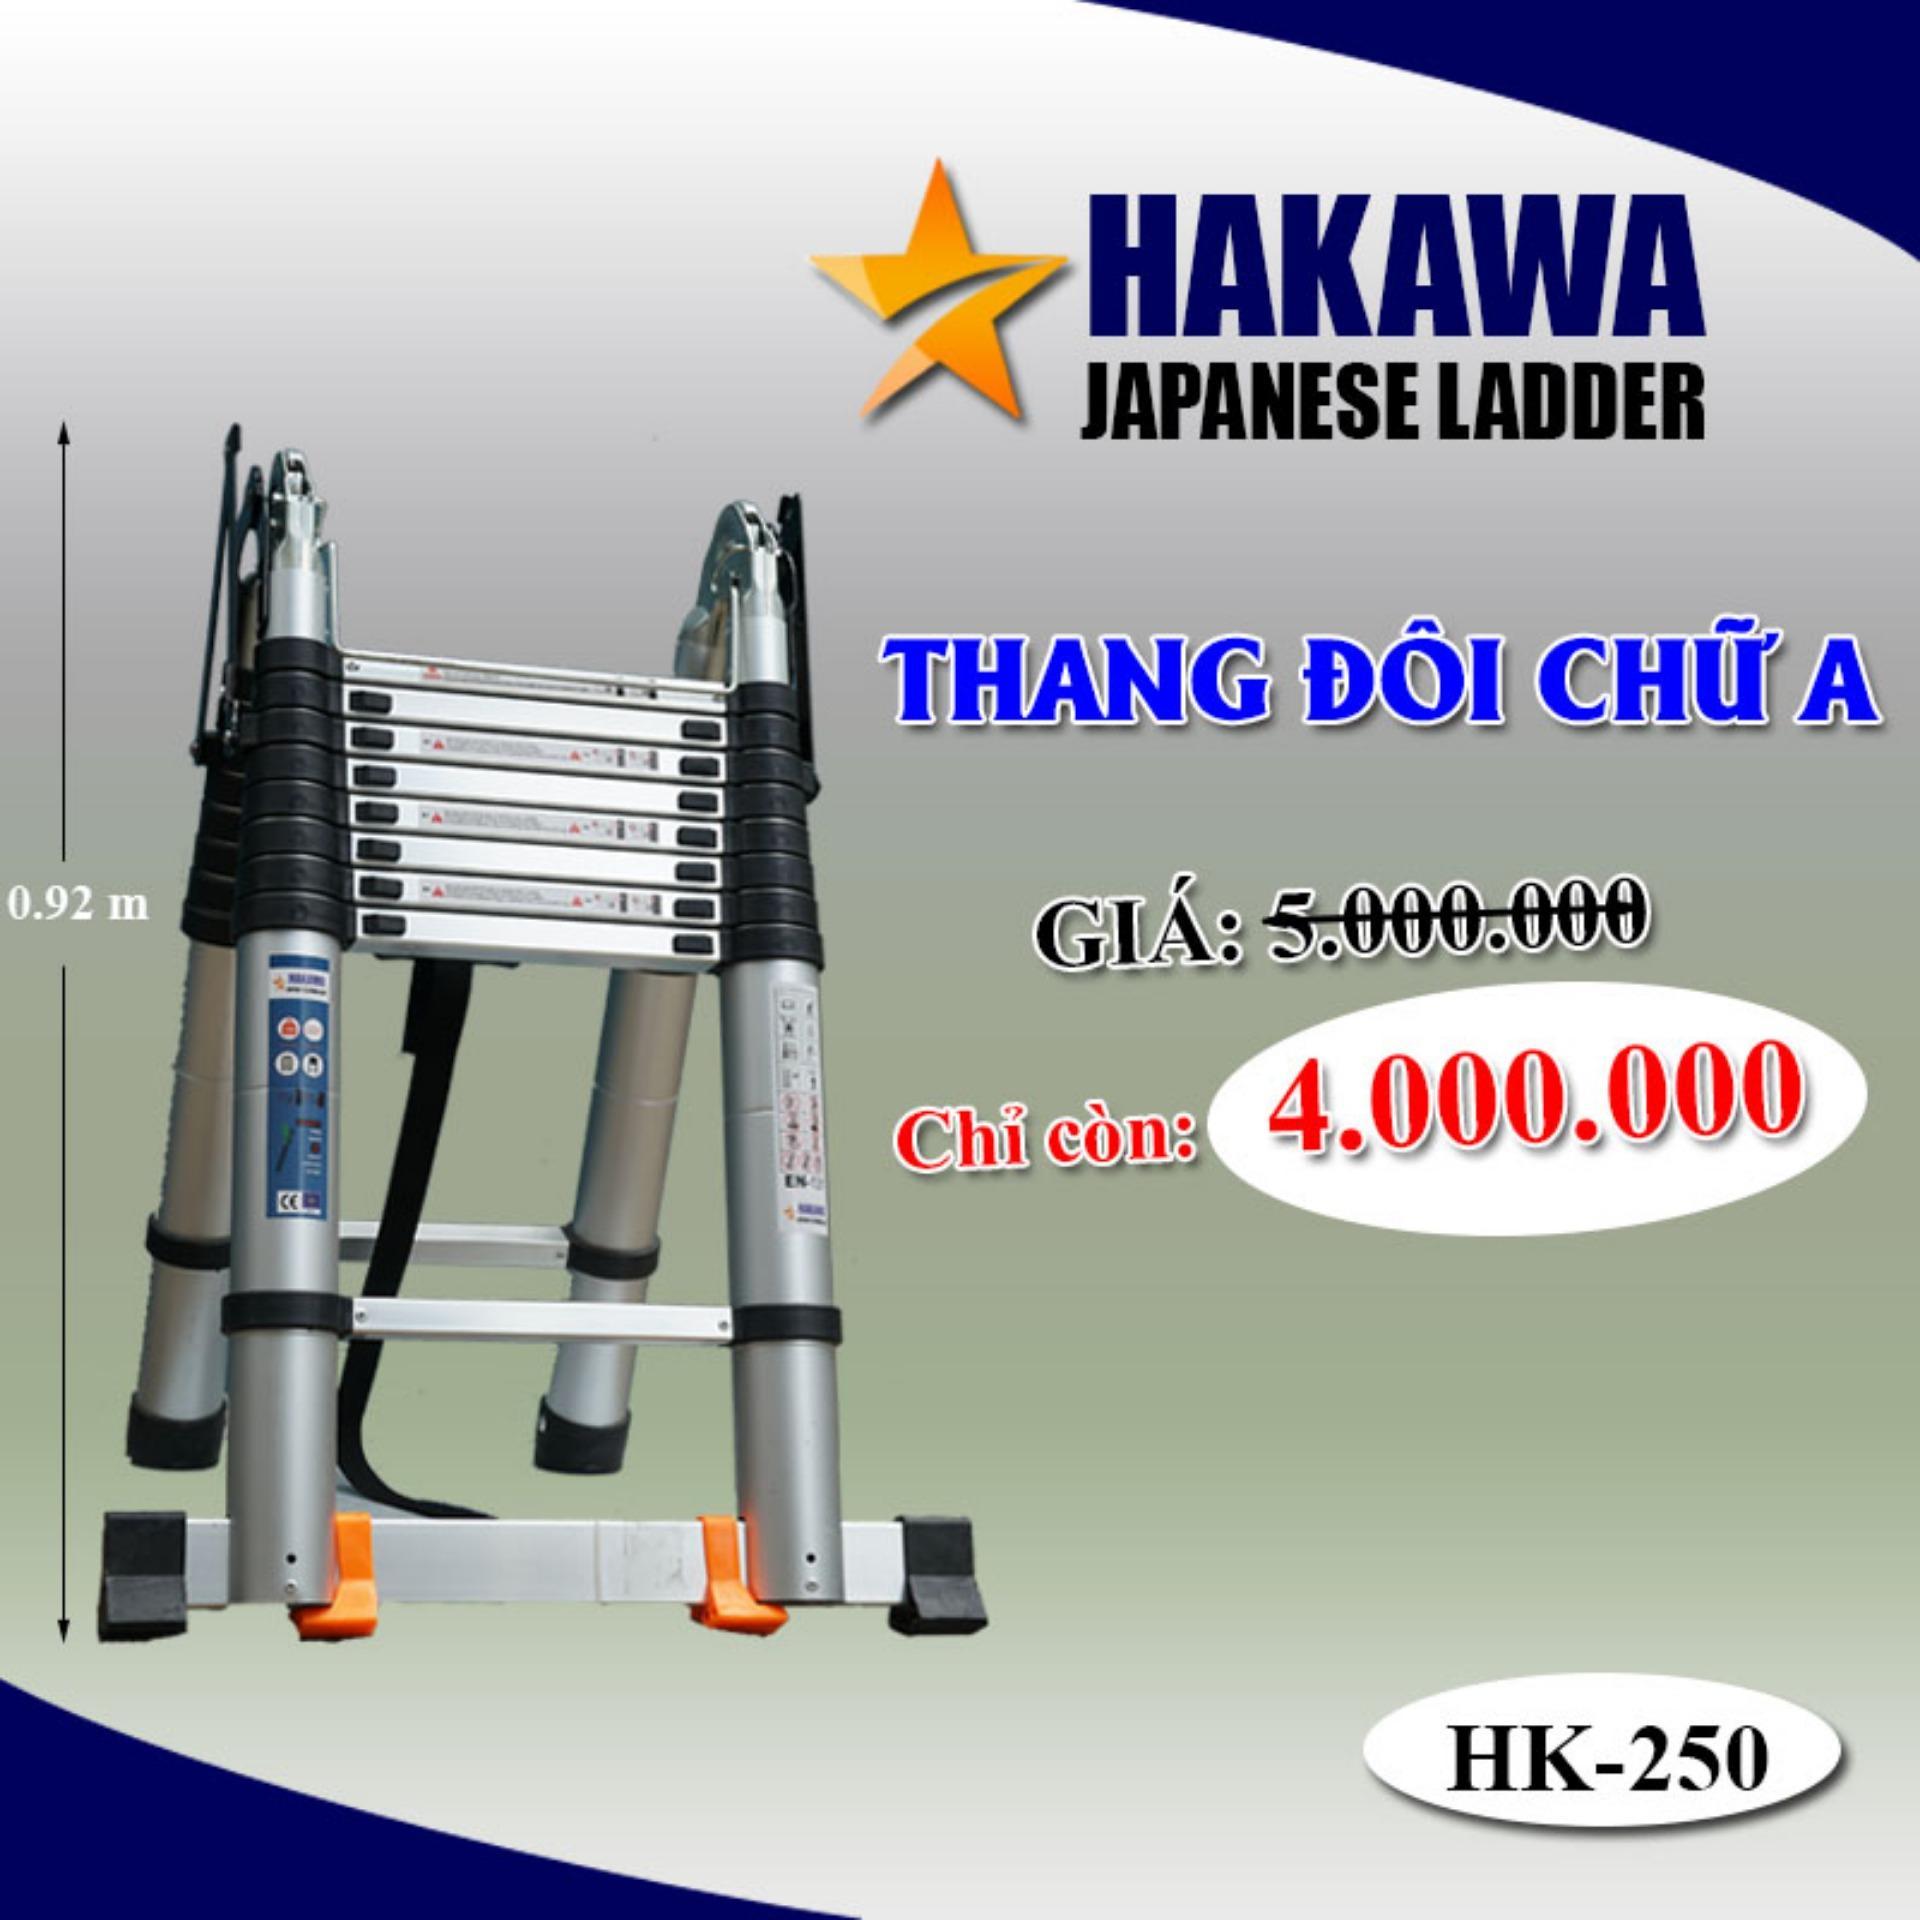 [HAKAWA] Thang nhom rut doi chu a HAKAWA JAPAN HK250 2m5  - Dành cho thợ chuyên nghiệp (duỗi thẳng 5 mét, gập chữ A 2 mét 5)